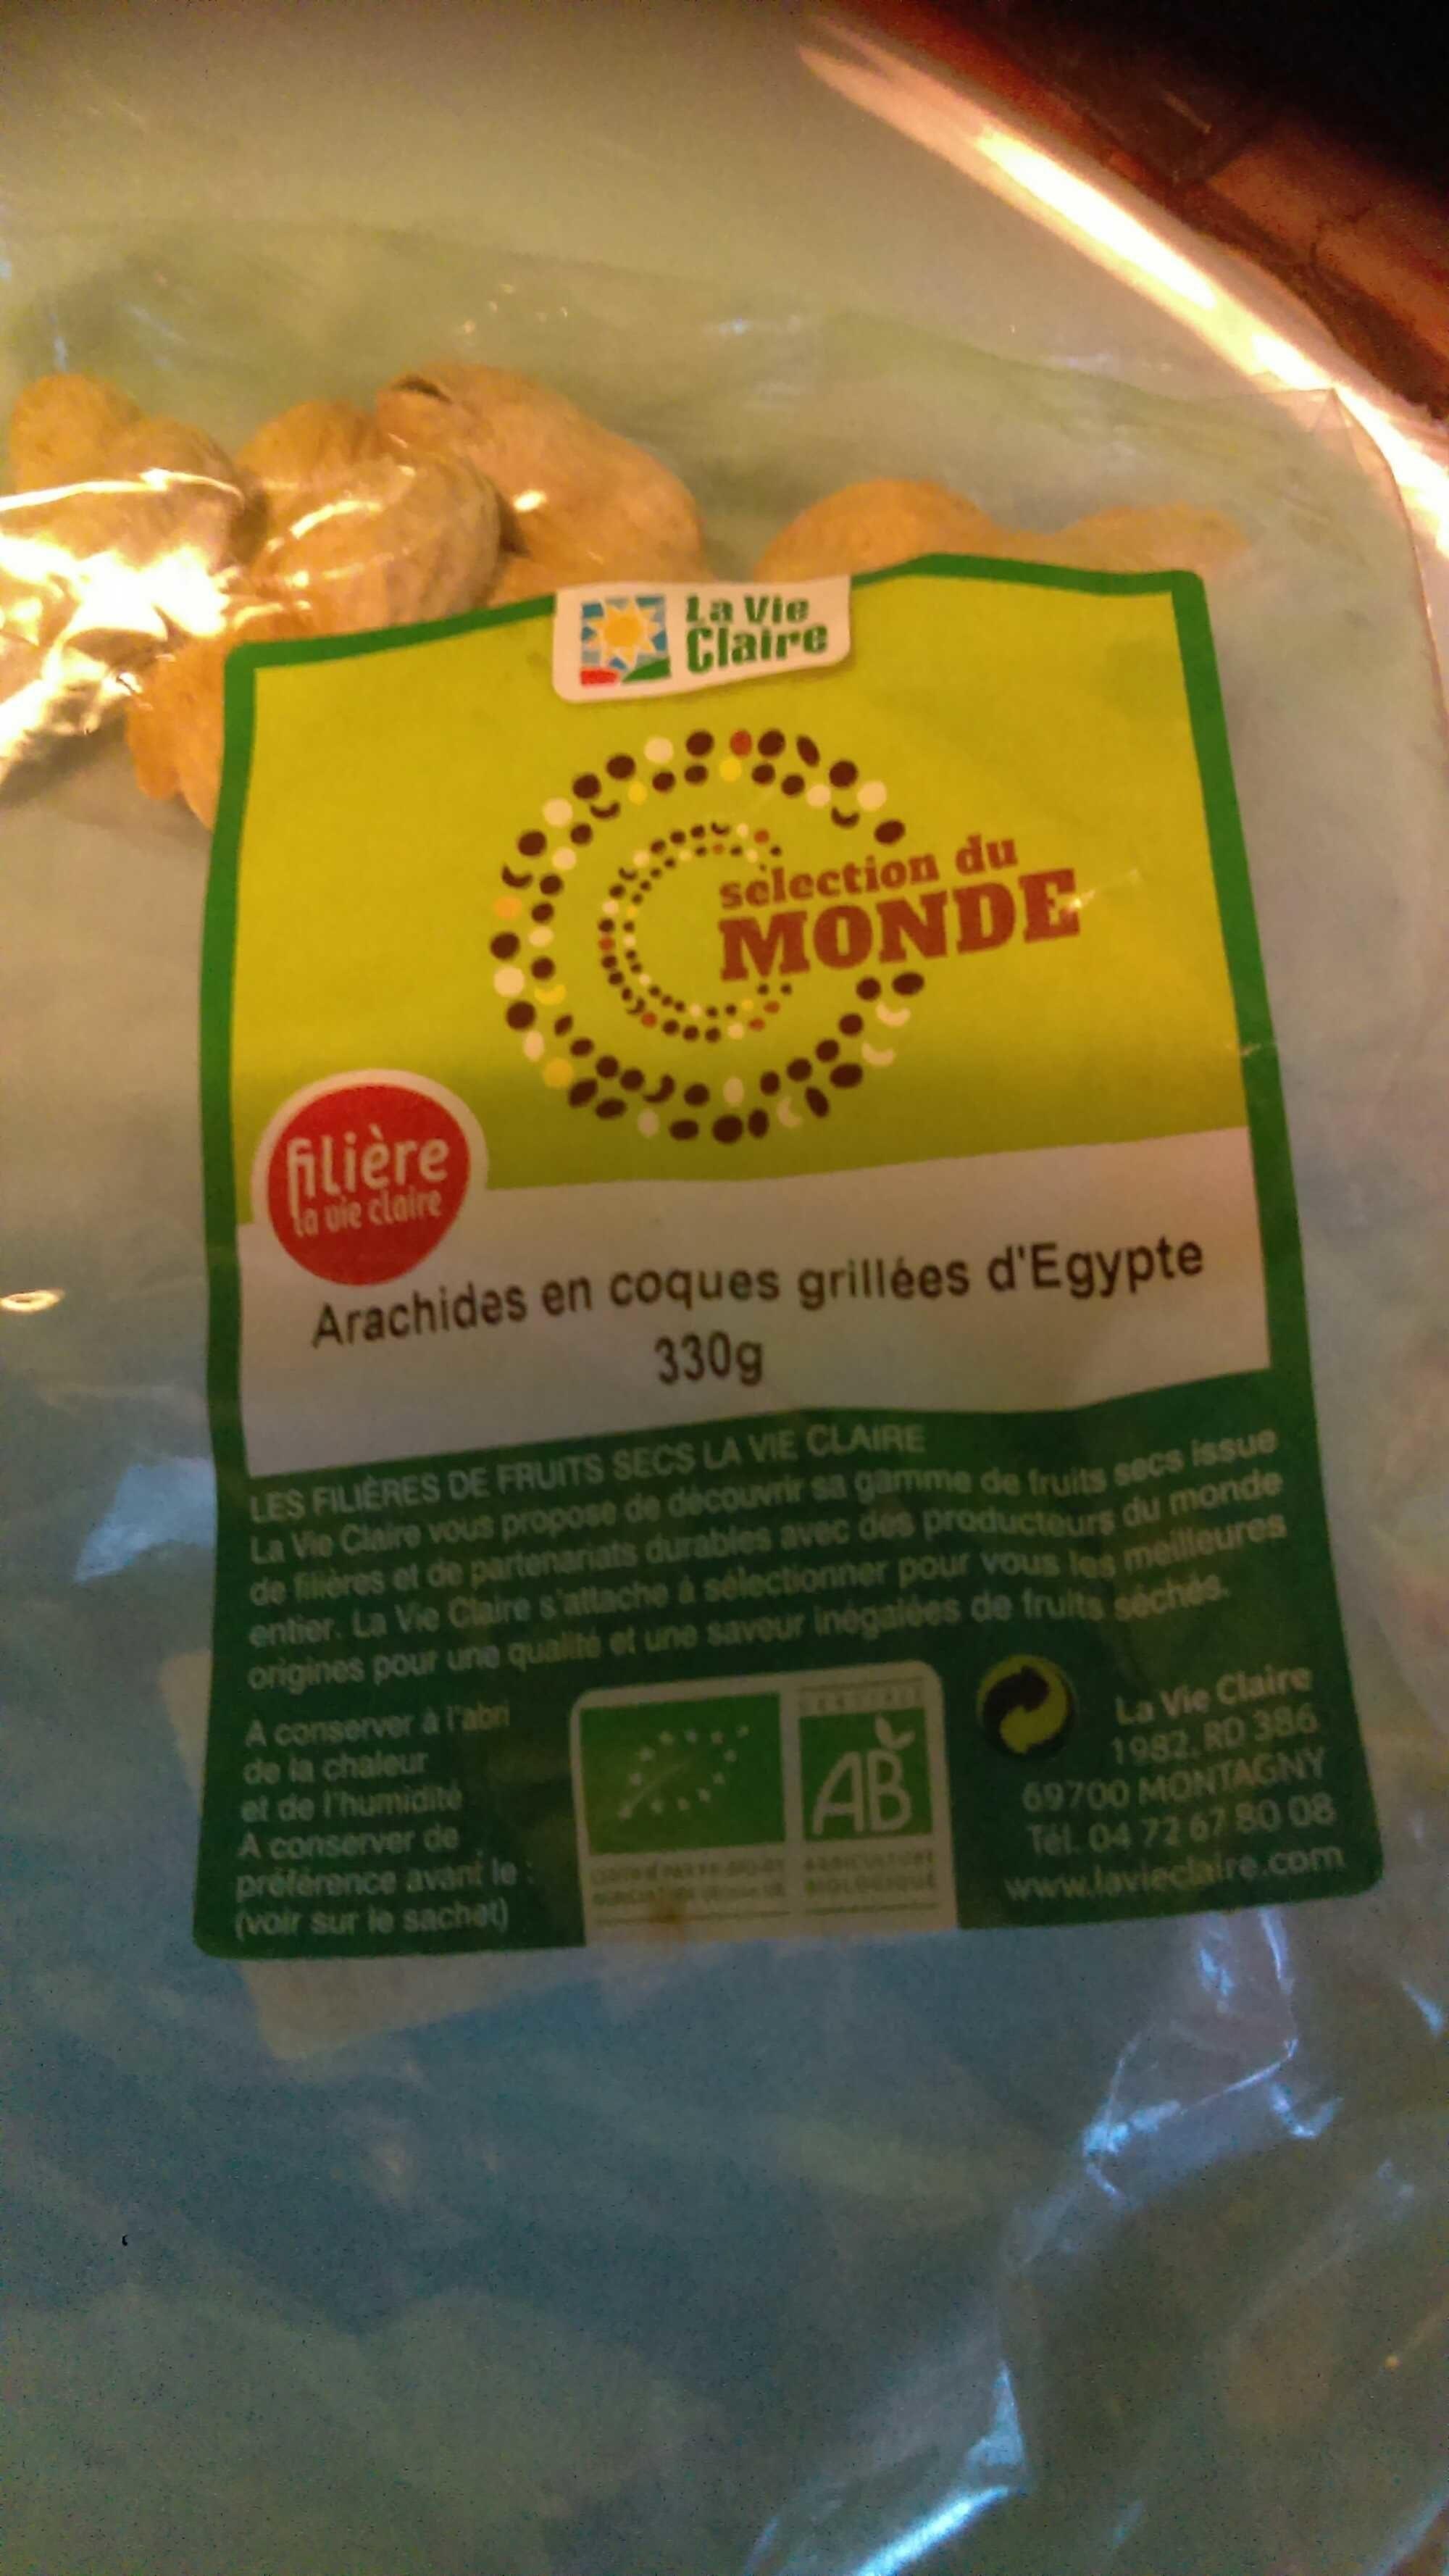 Arachides en Coques Grillées D'Egypte 330g - Product